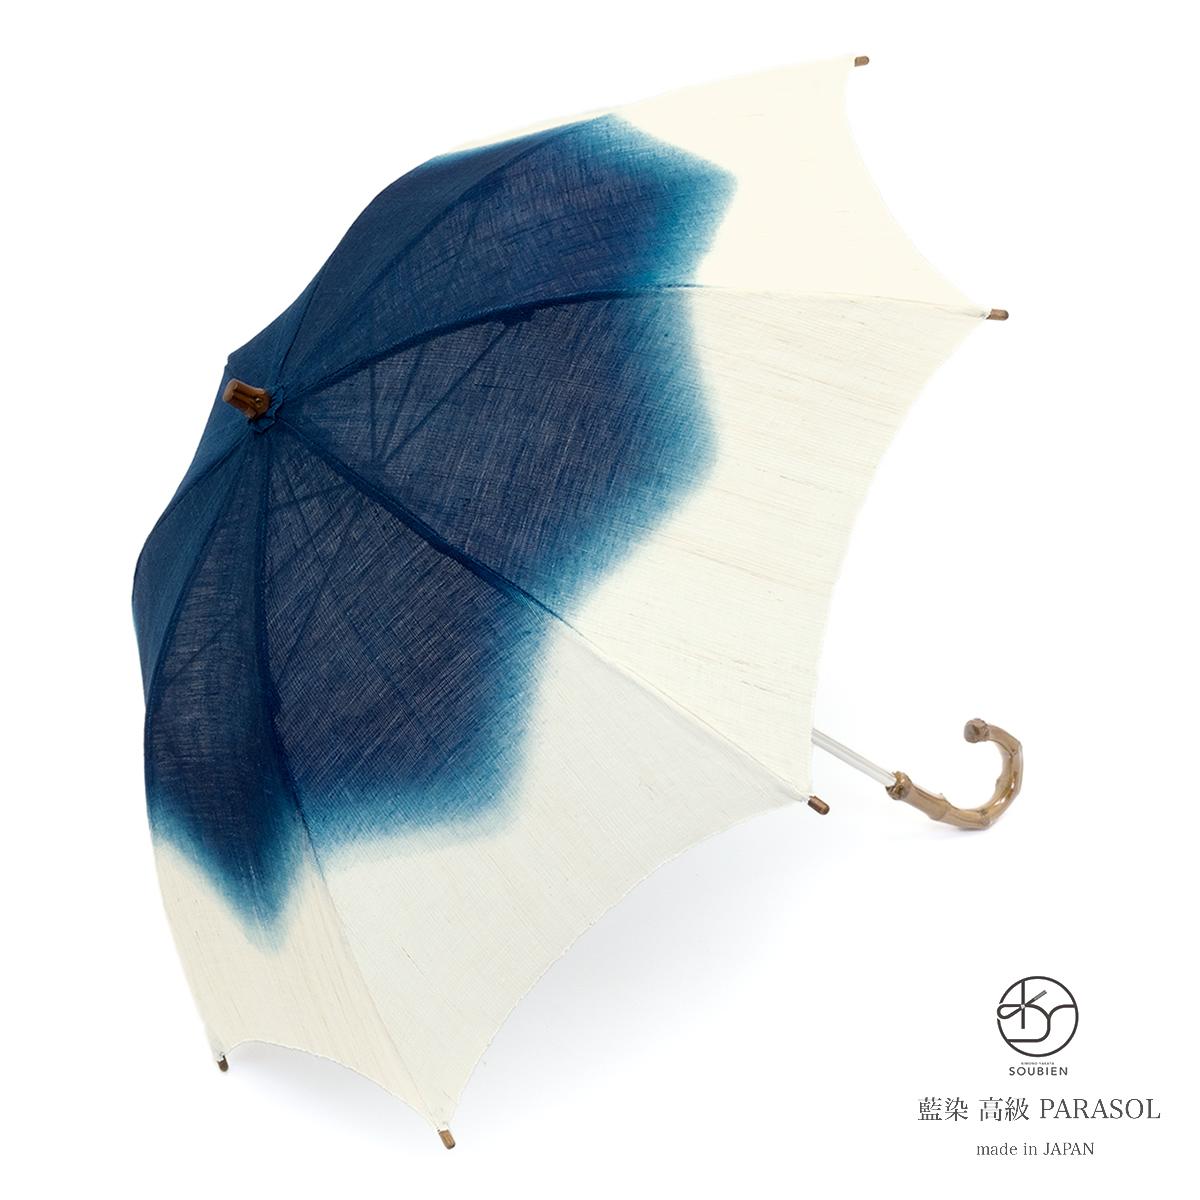 日傘 藍 インディゴブルー ネイビー 生成り 花 グラデーション 藍染 引染 麻 ひがさ 和装小物 便利小物 日本製【あす楽対応】【送料無料】